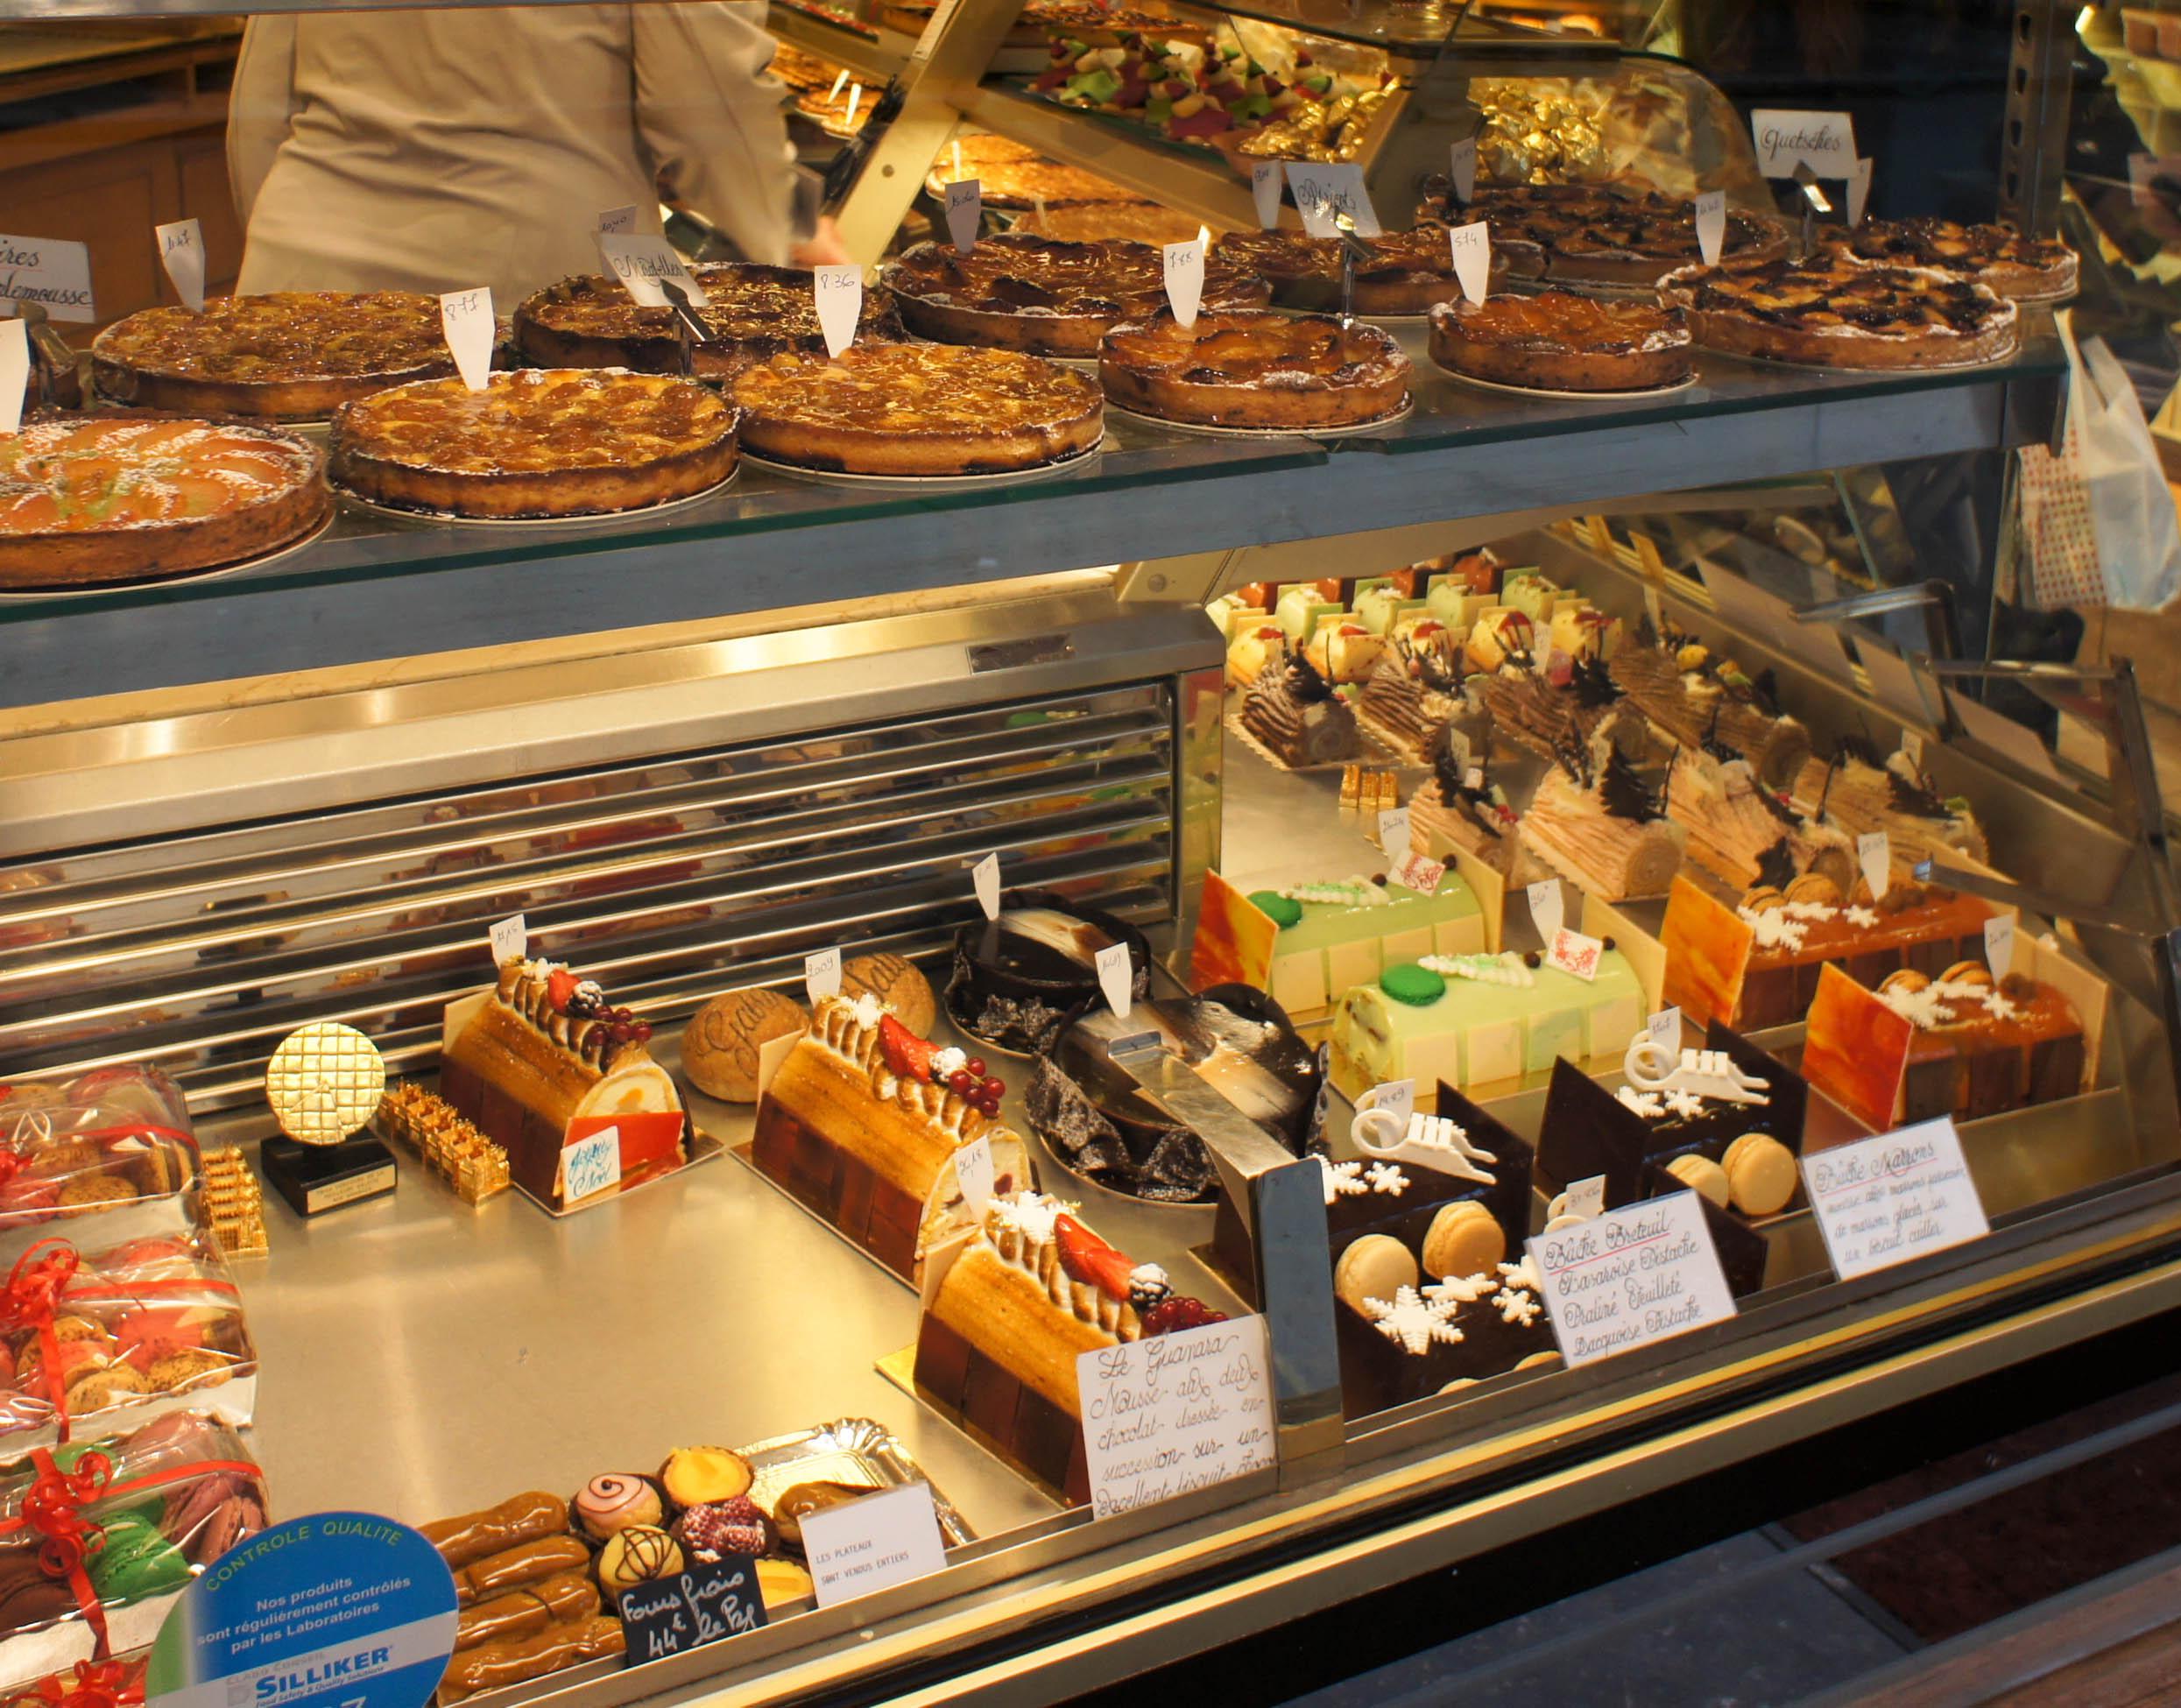 Vue Des Vitrines De La Boutique Boulangerie Pichard